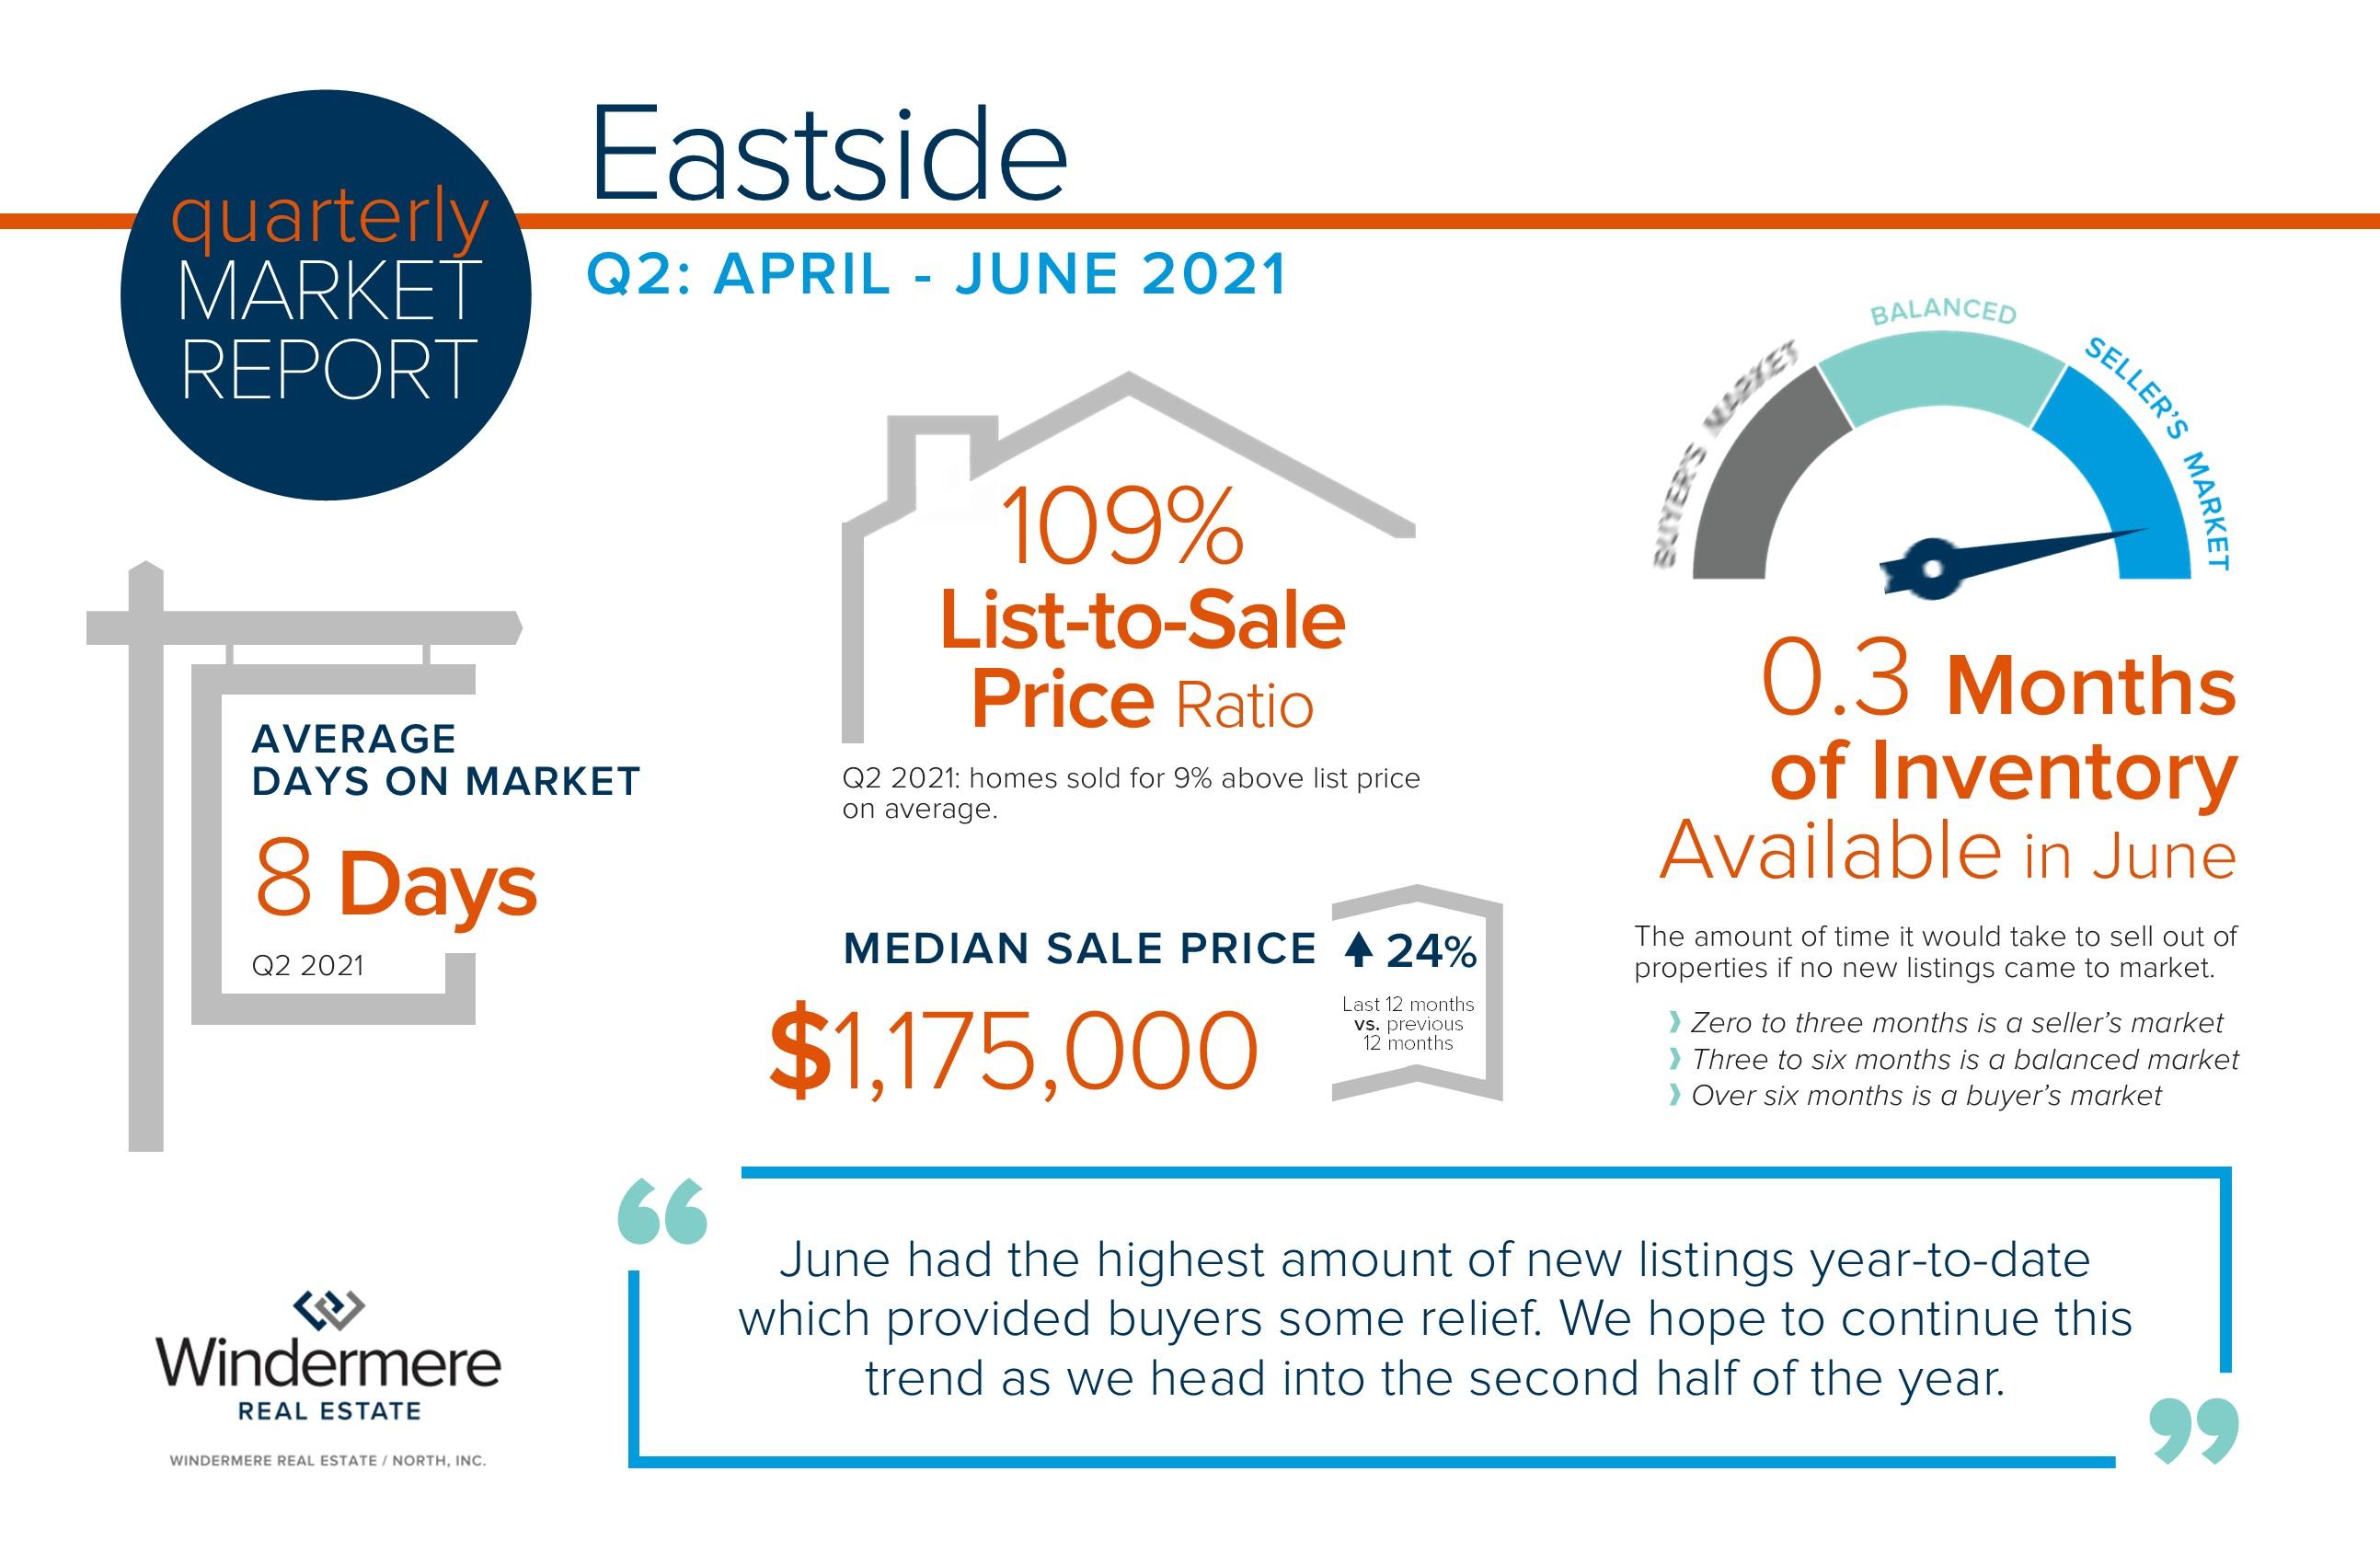 Eastside Quarterly Market Reports Q2 2021